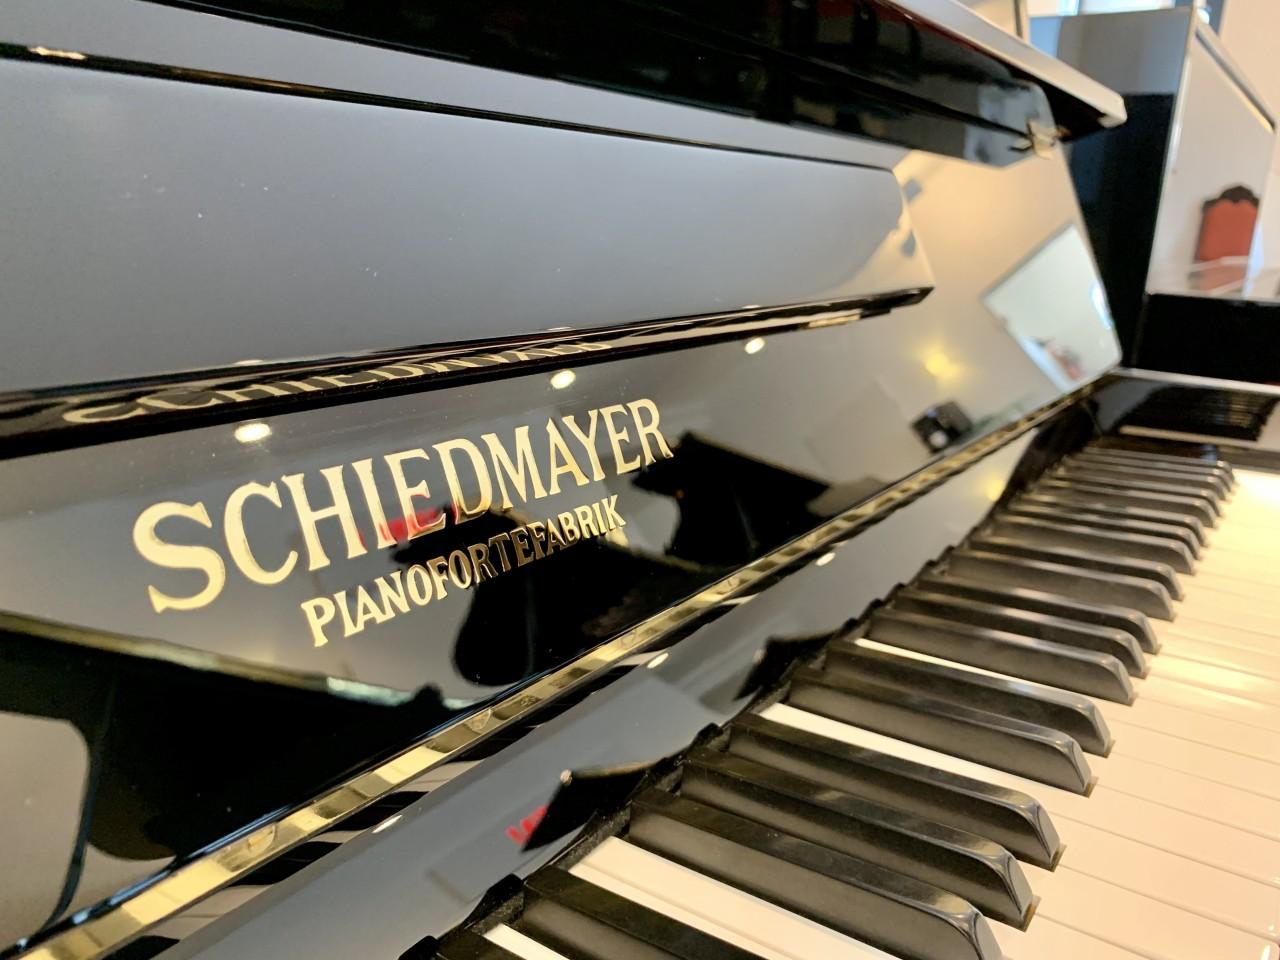 Schiedmeyer 110 3